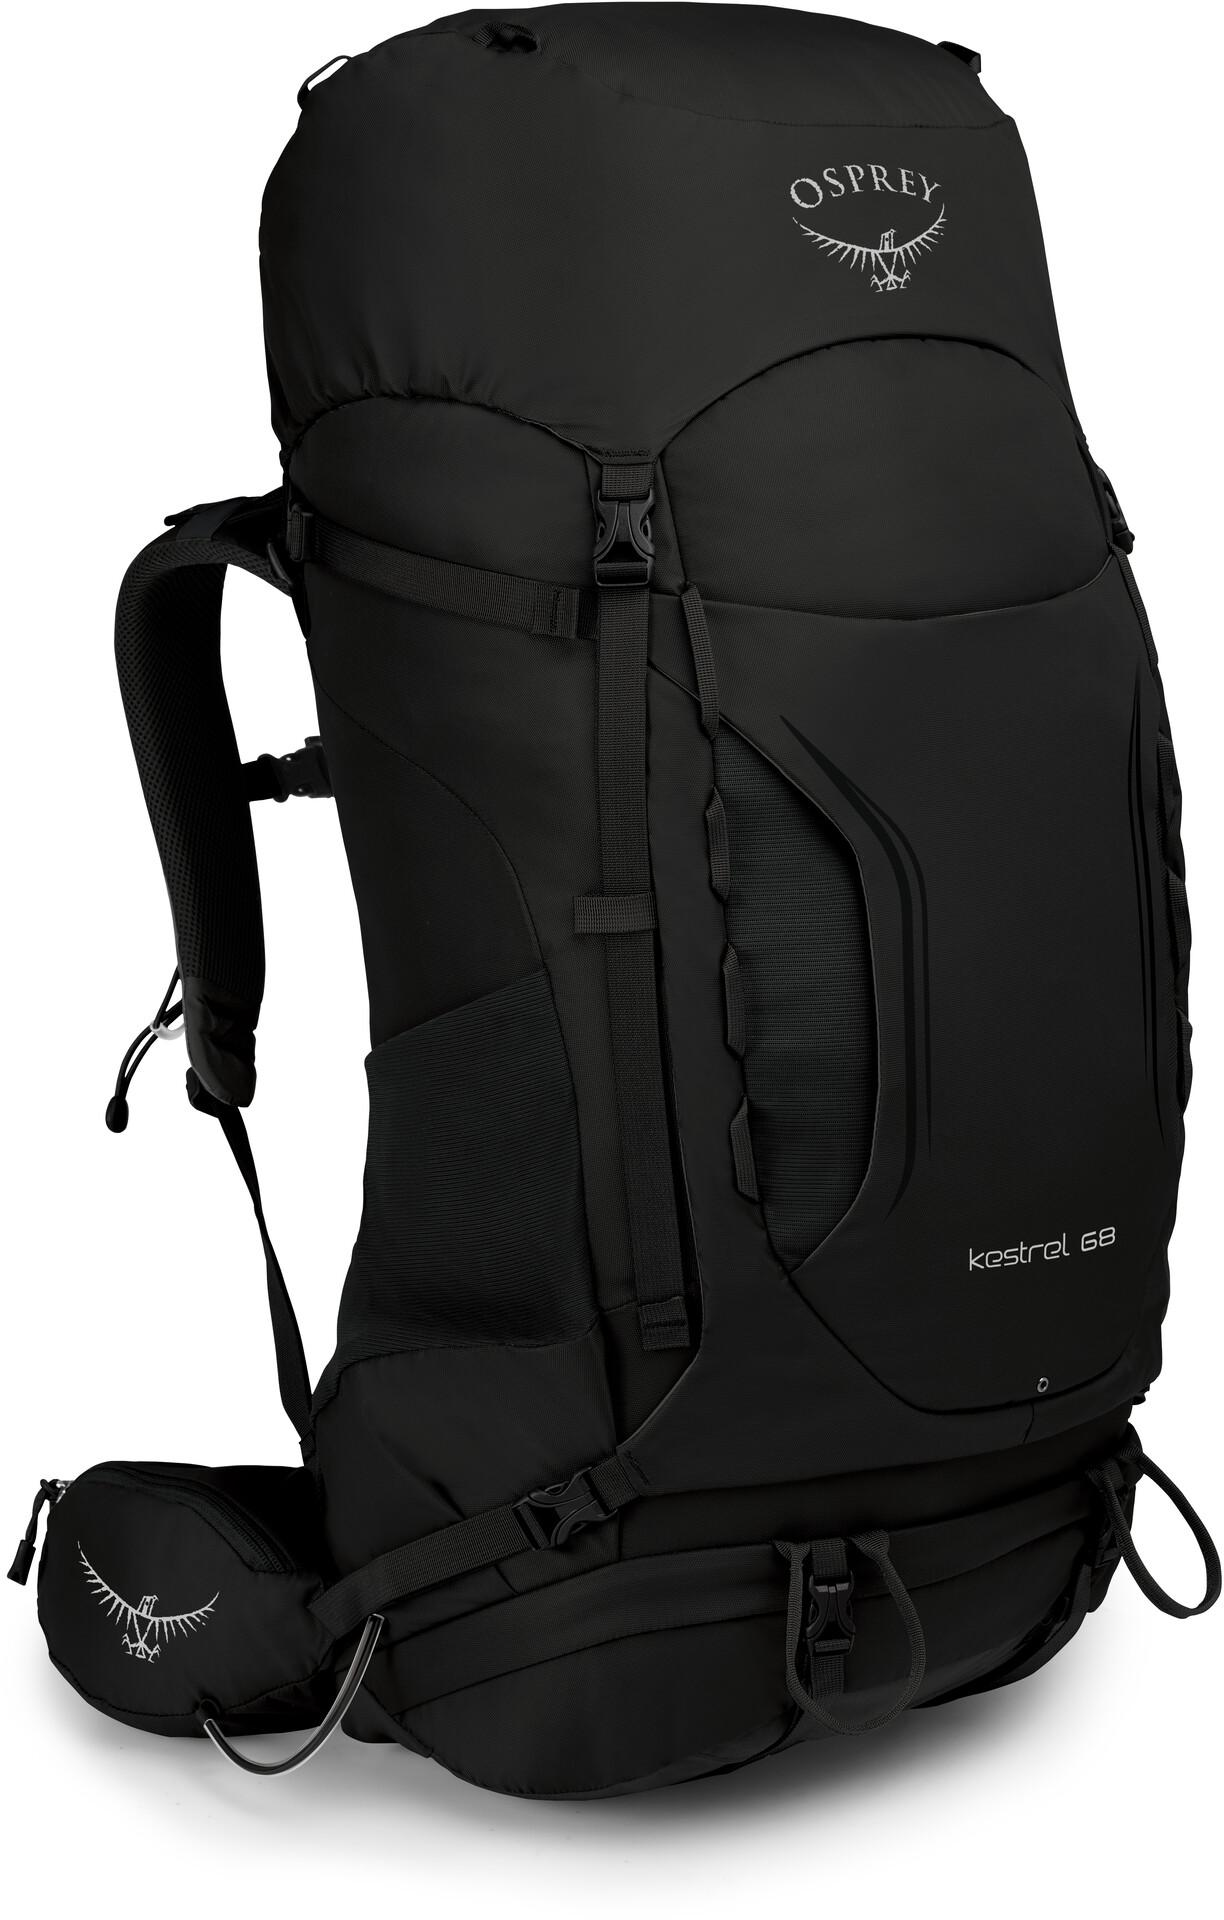 Osprey Kestrel 68 Backpack Men black at Addnature.co.uk